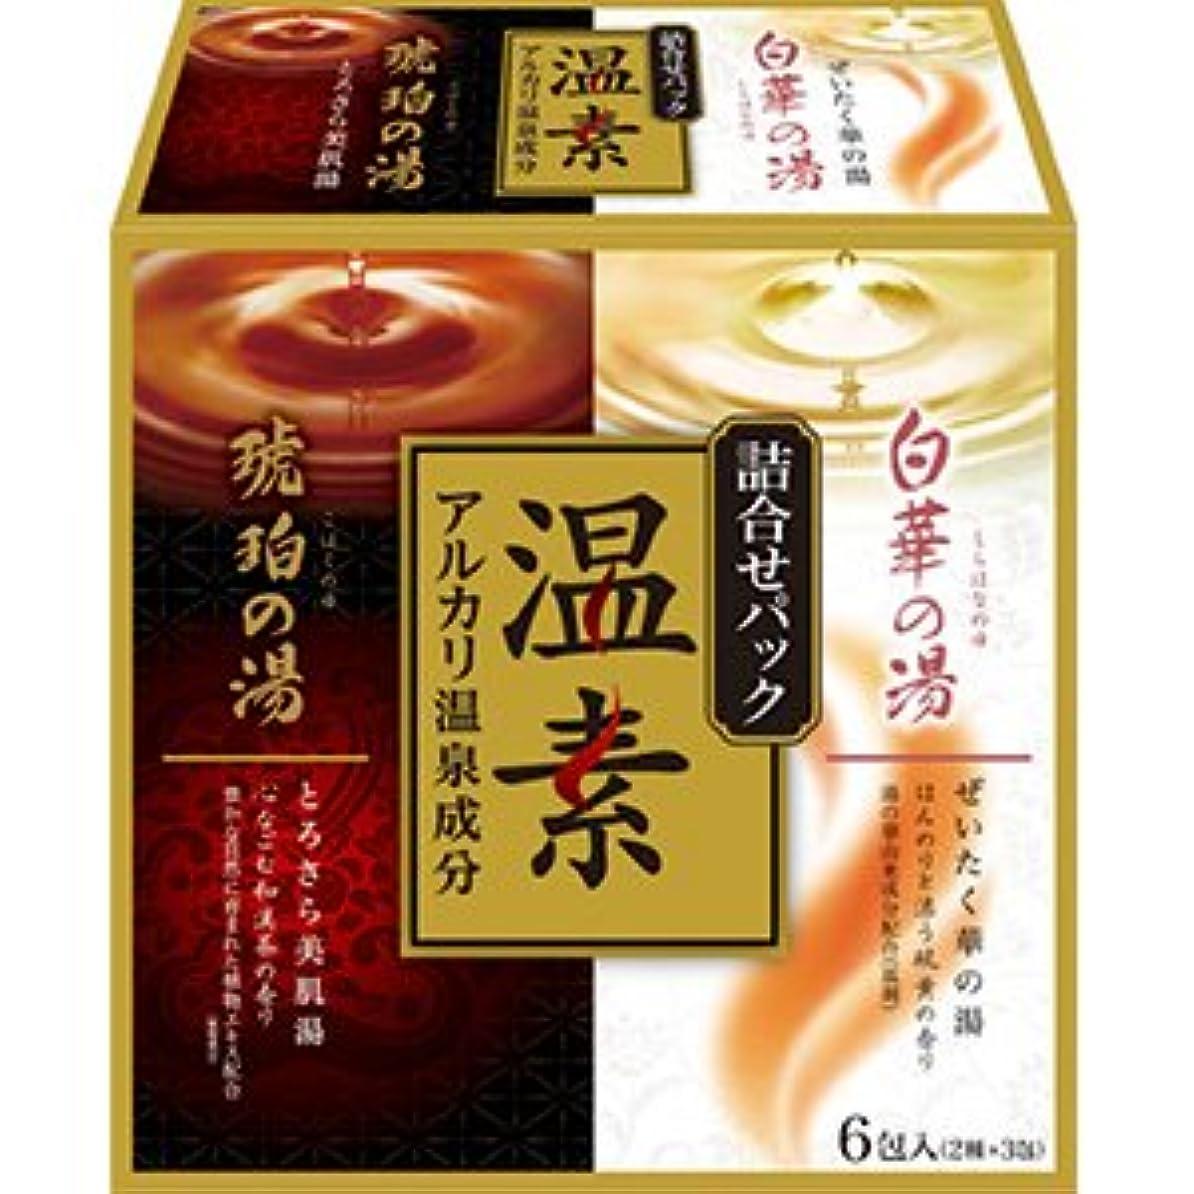 肯定的印象的な証明する温素 琥珀の湯&白華の湯 詰合せパック × 16個セット